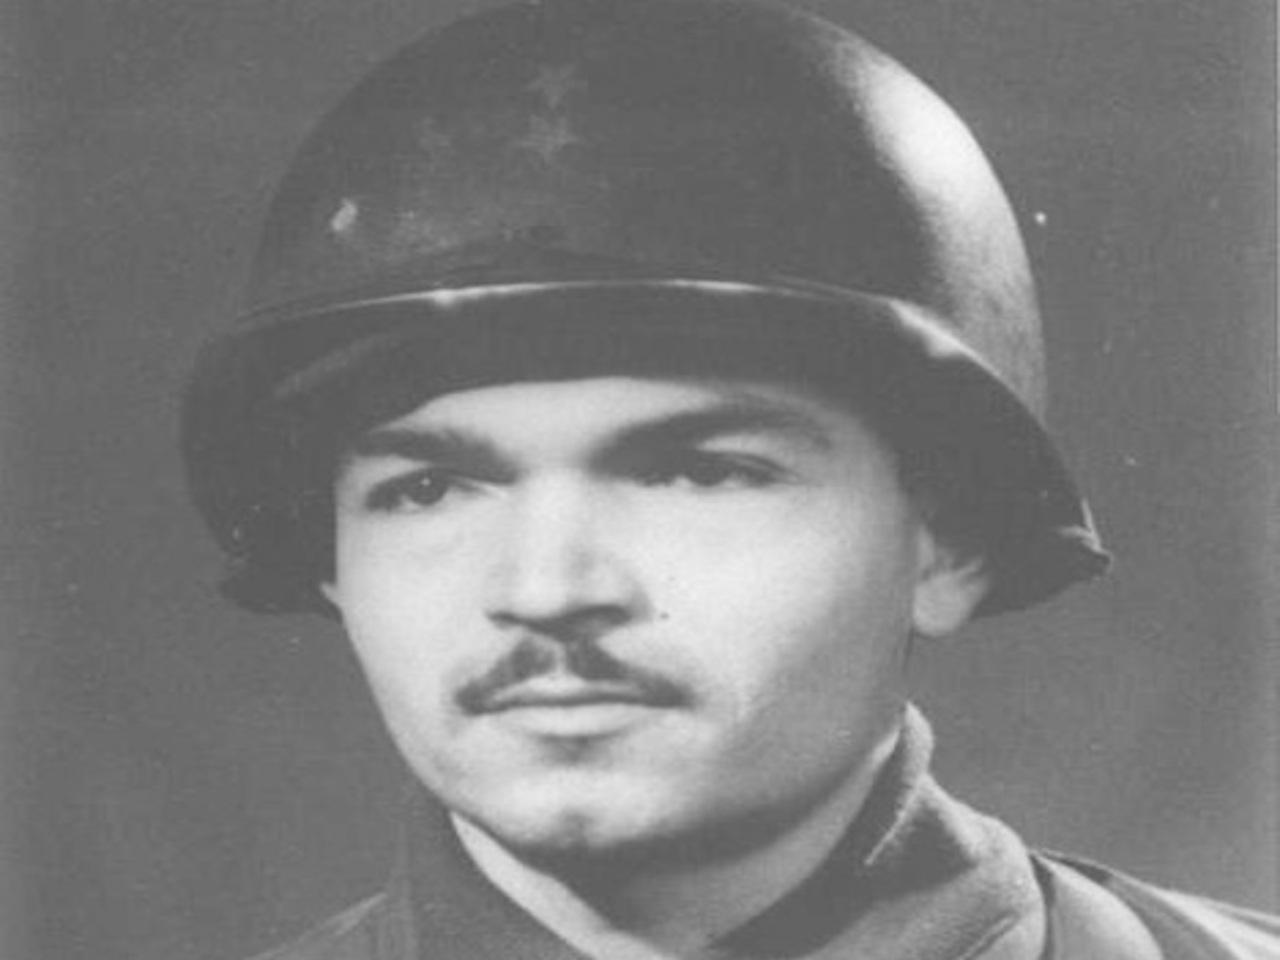 10ª Região Militar despede-se de herói de guerra, combatente da Força Expedicionária Brasileira